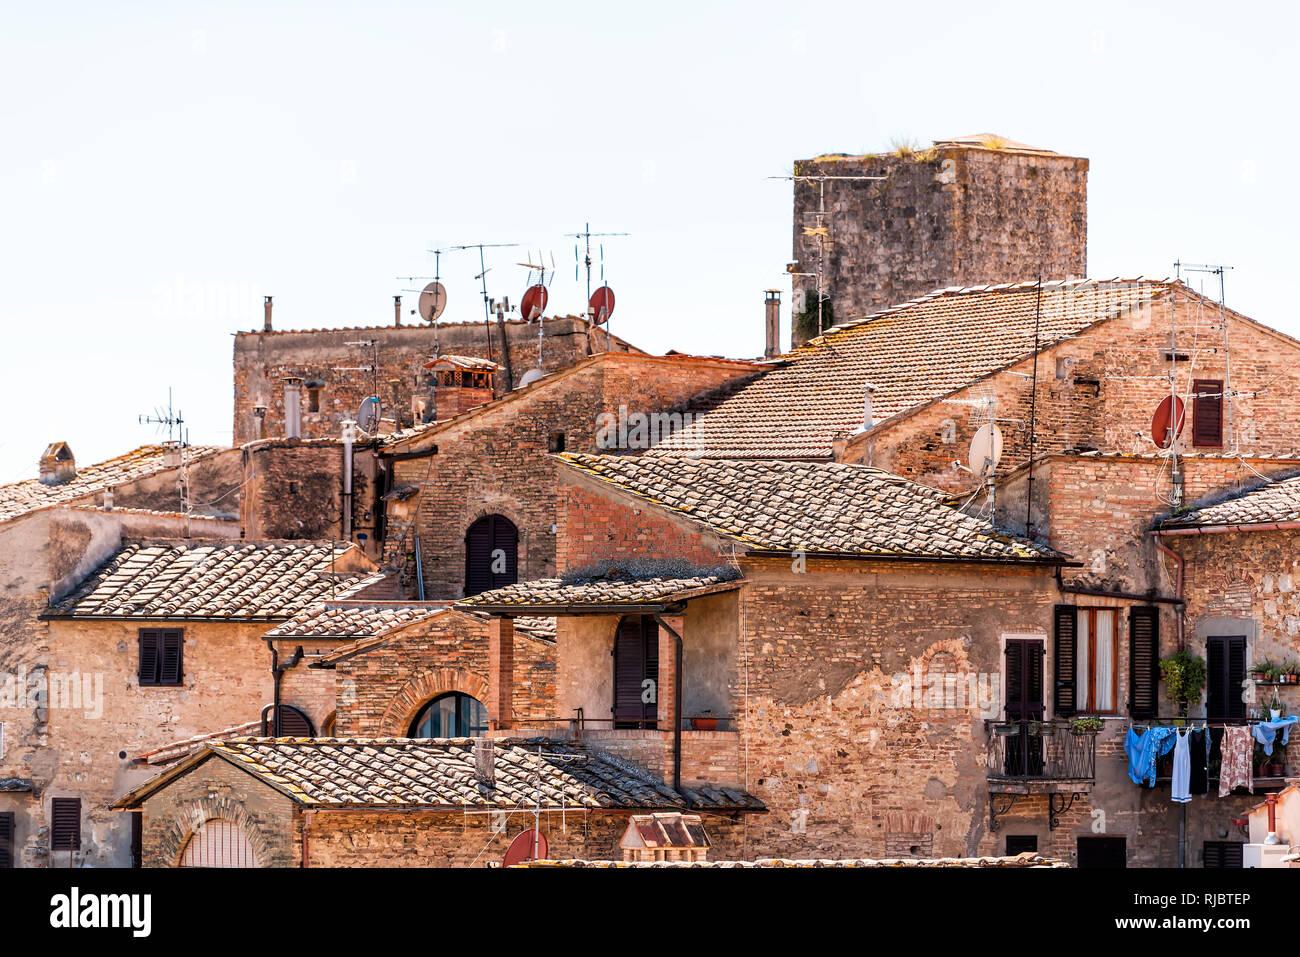 San Gimignano, Italie sur le toit avec la vieille ville historique de bâtiments médiévaux de la ville d'orange en été village en pierre tuiles libre et paraboles capitales Banque D'Images